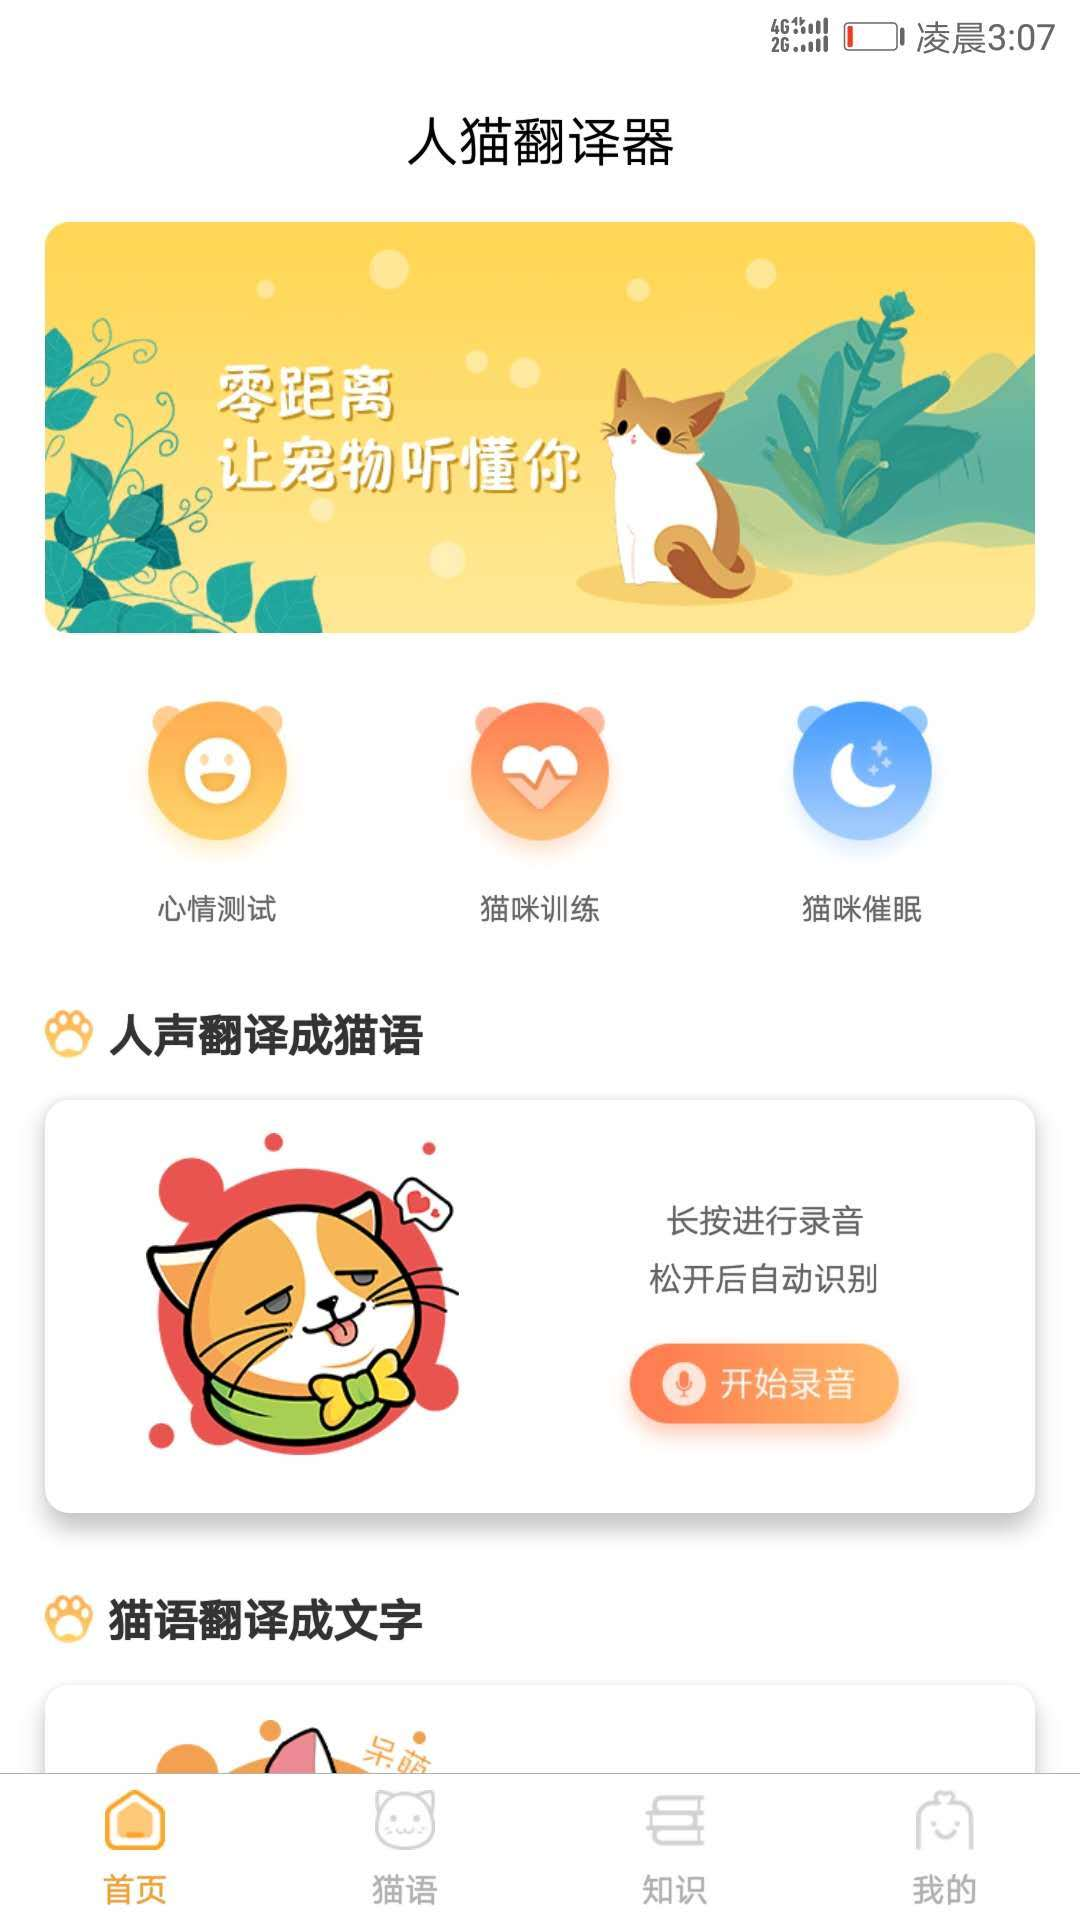 猫语翻译器截图(1)